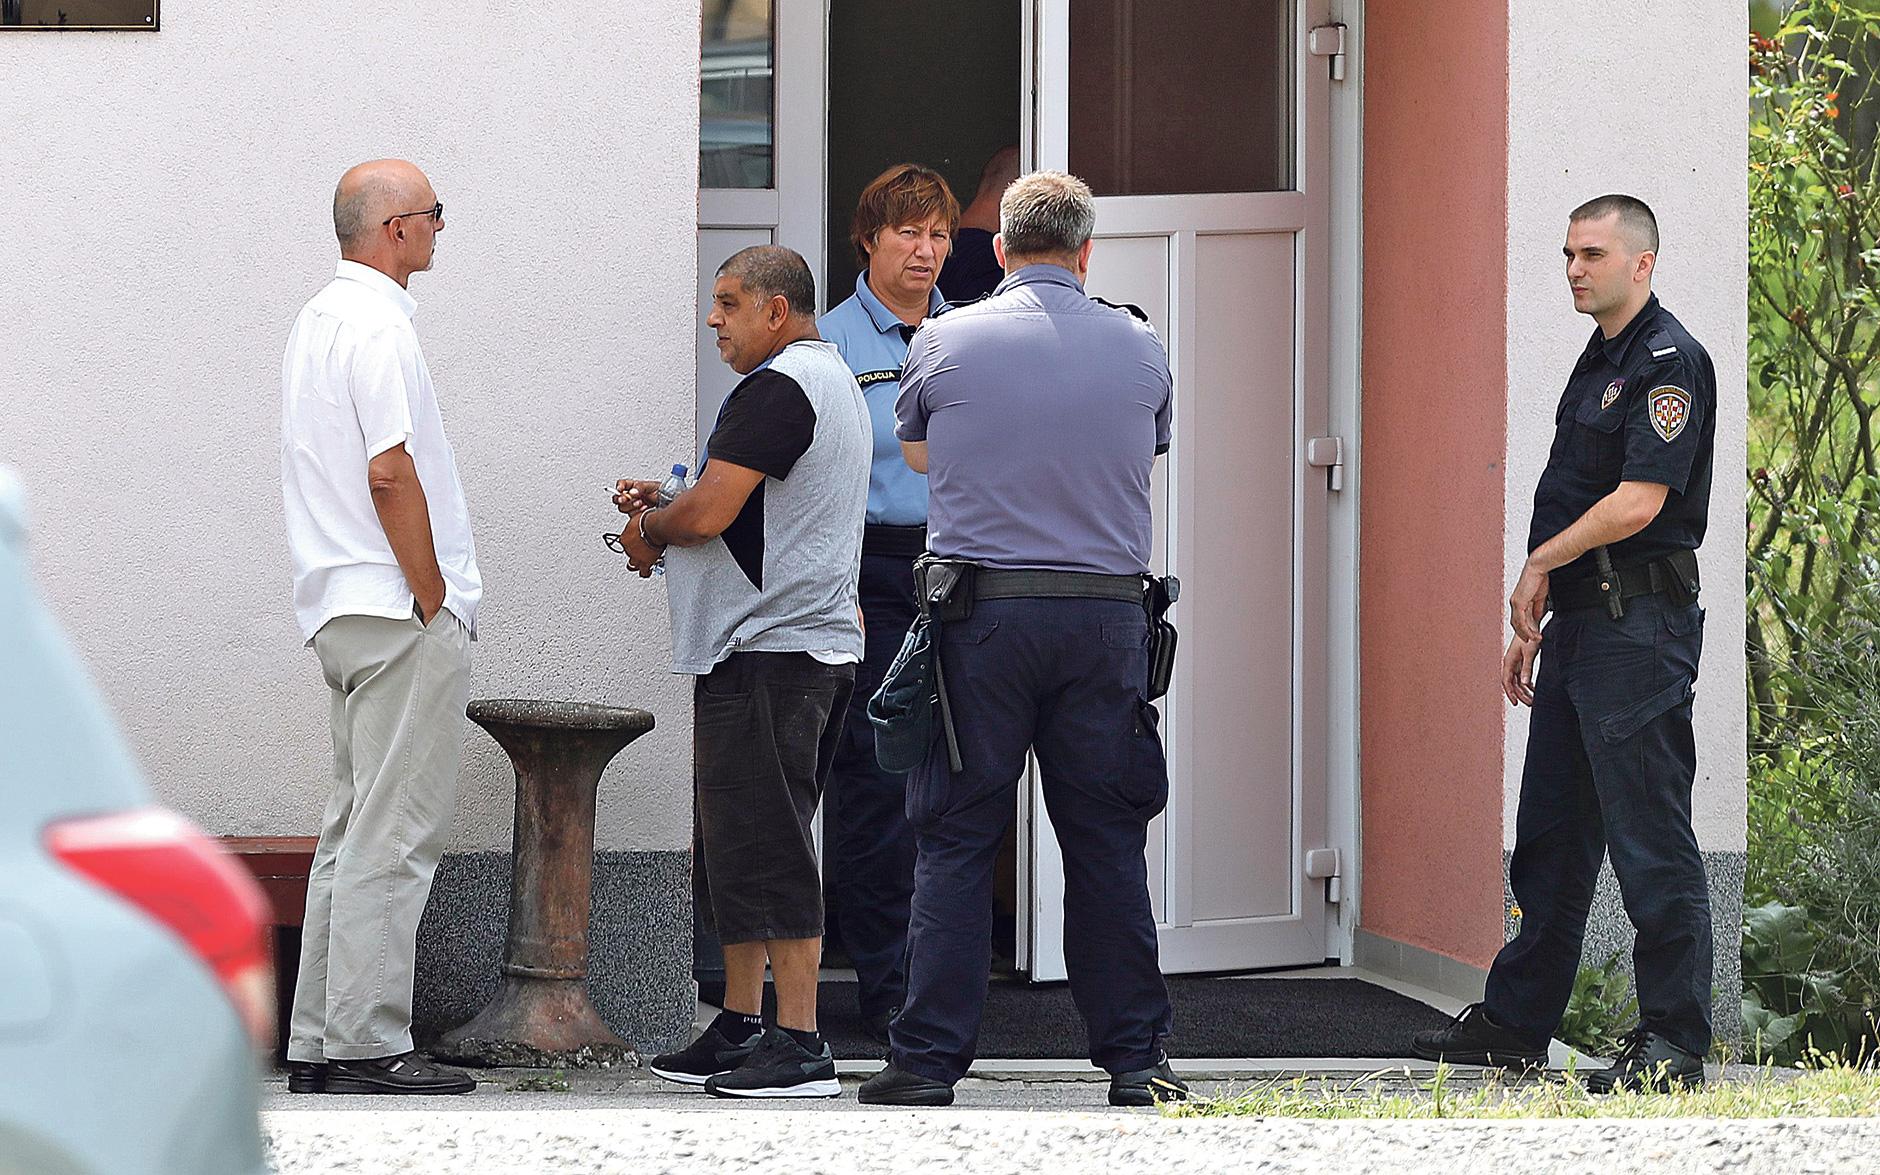 Privođenje osumnjičenog Todorovića koji je uhićen na graničnom prijelazu Macelj